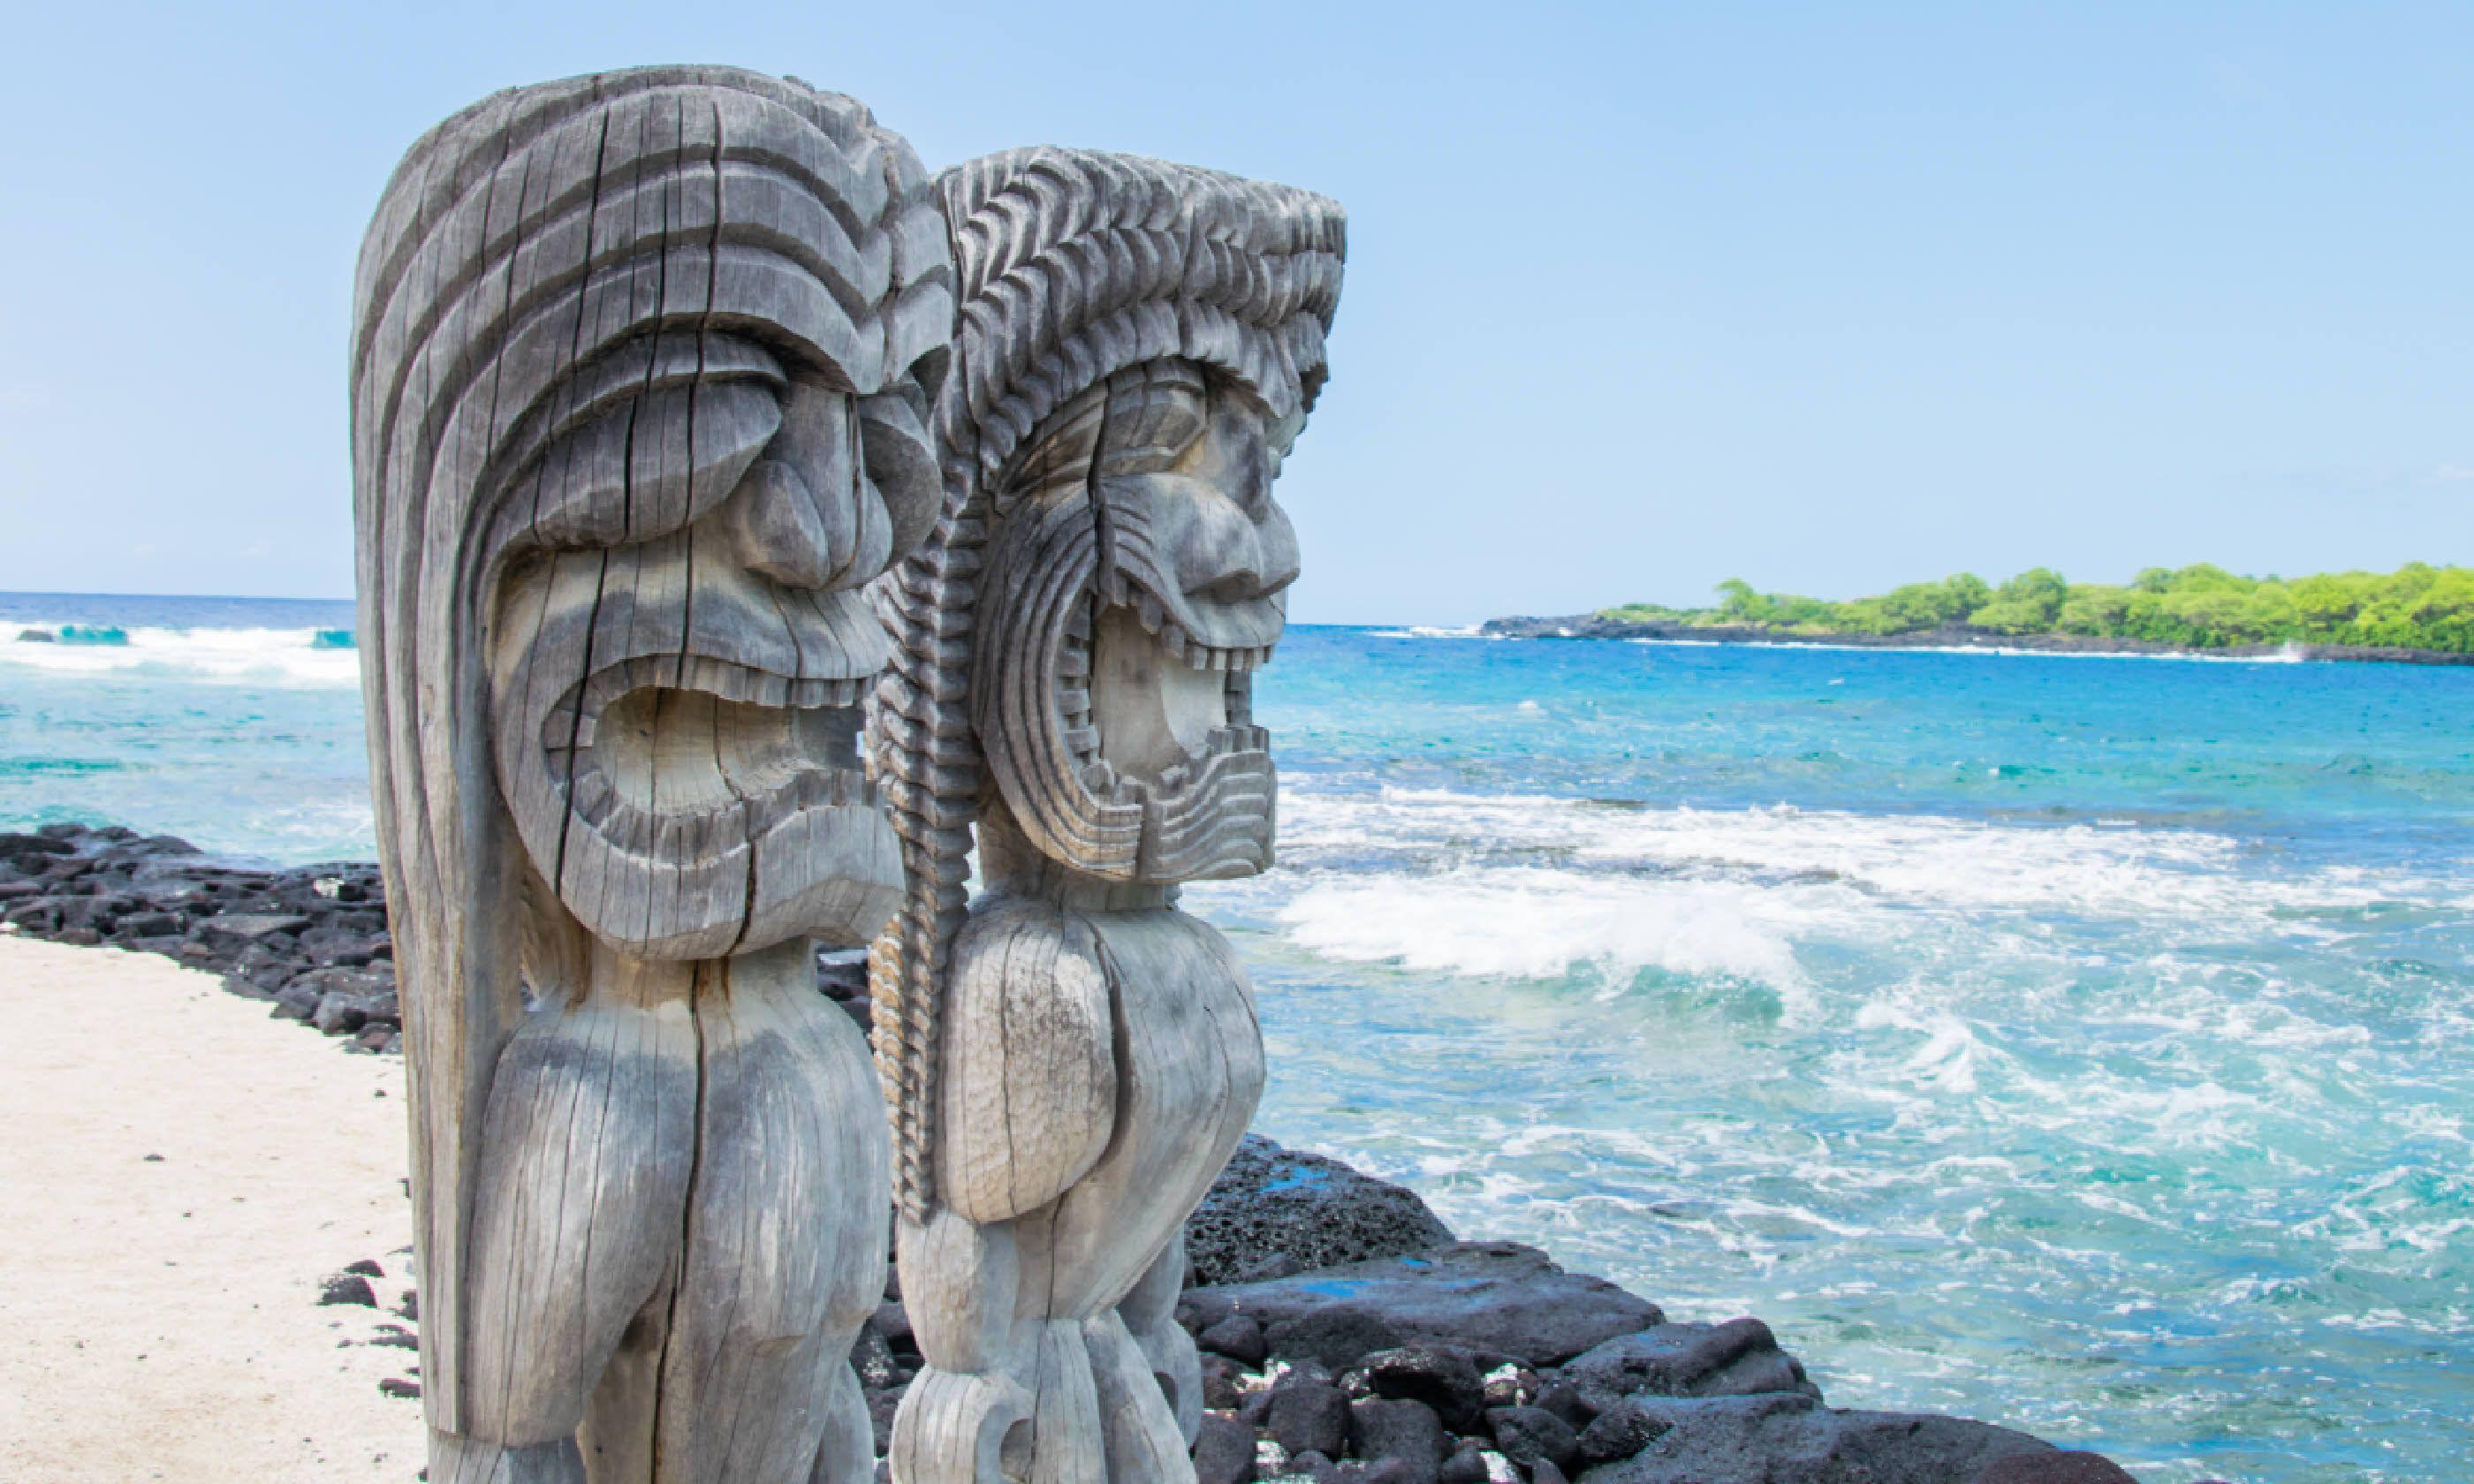 Big Island of Hawaii (Shutterstock)